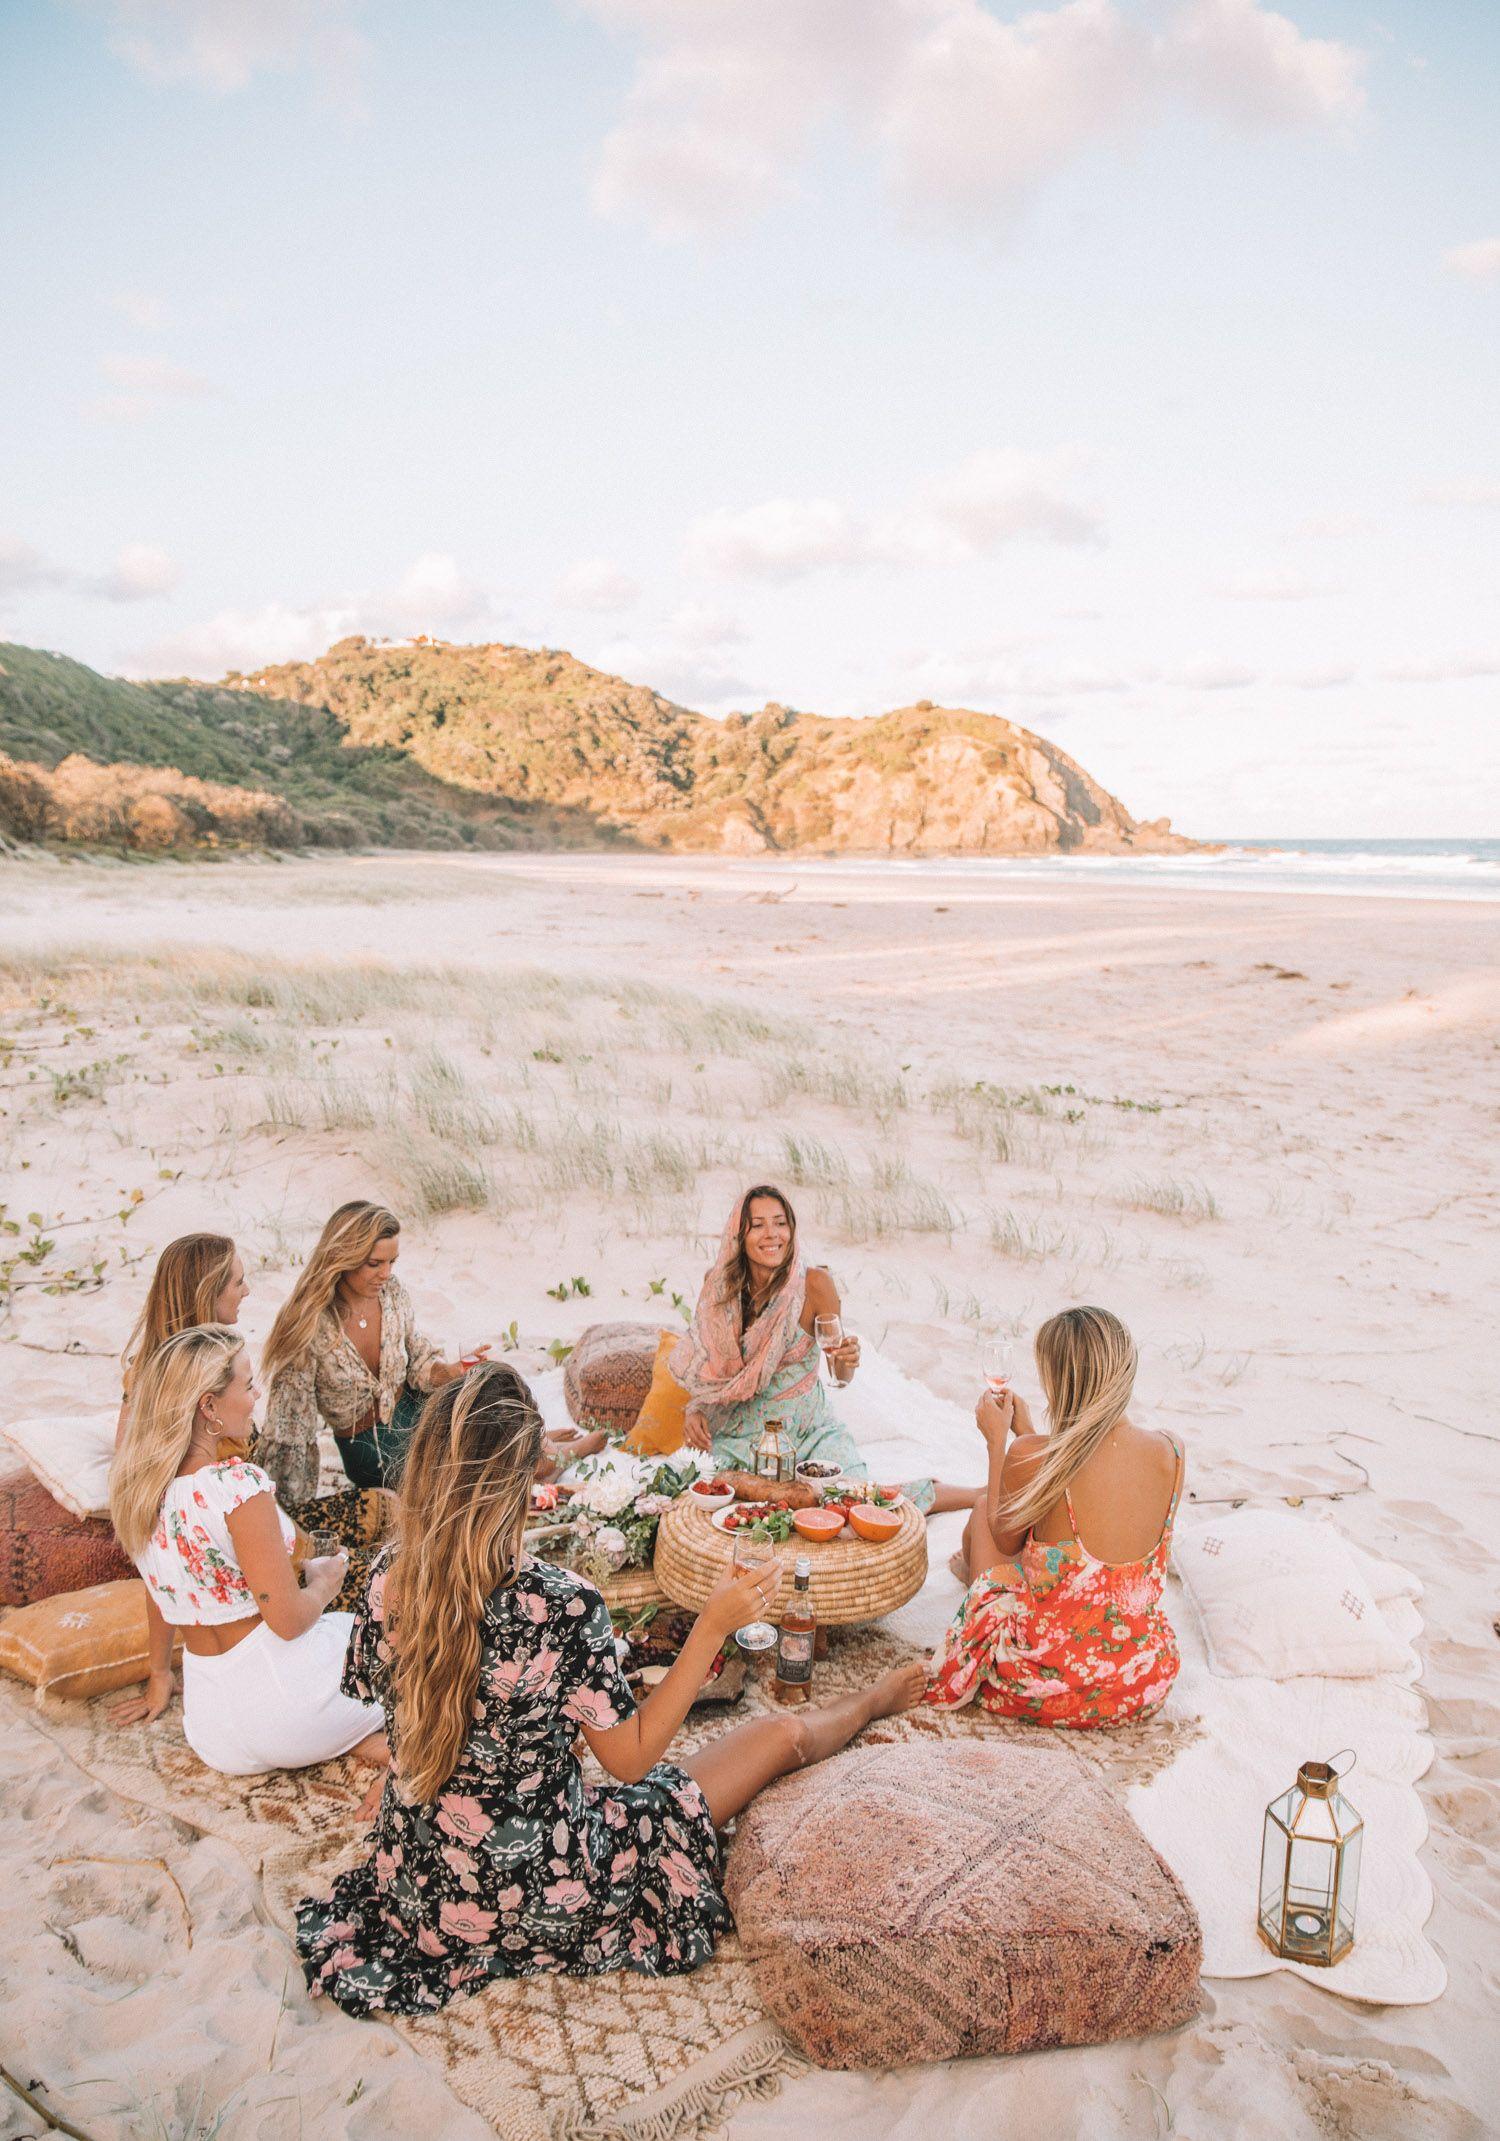 подруги на пикнике фото благоустройство местные